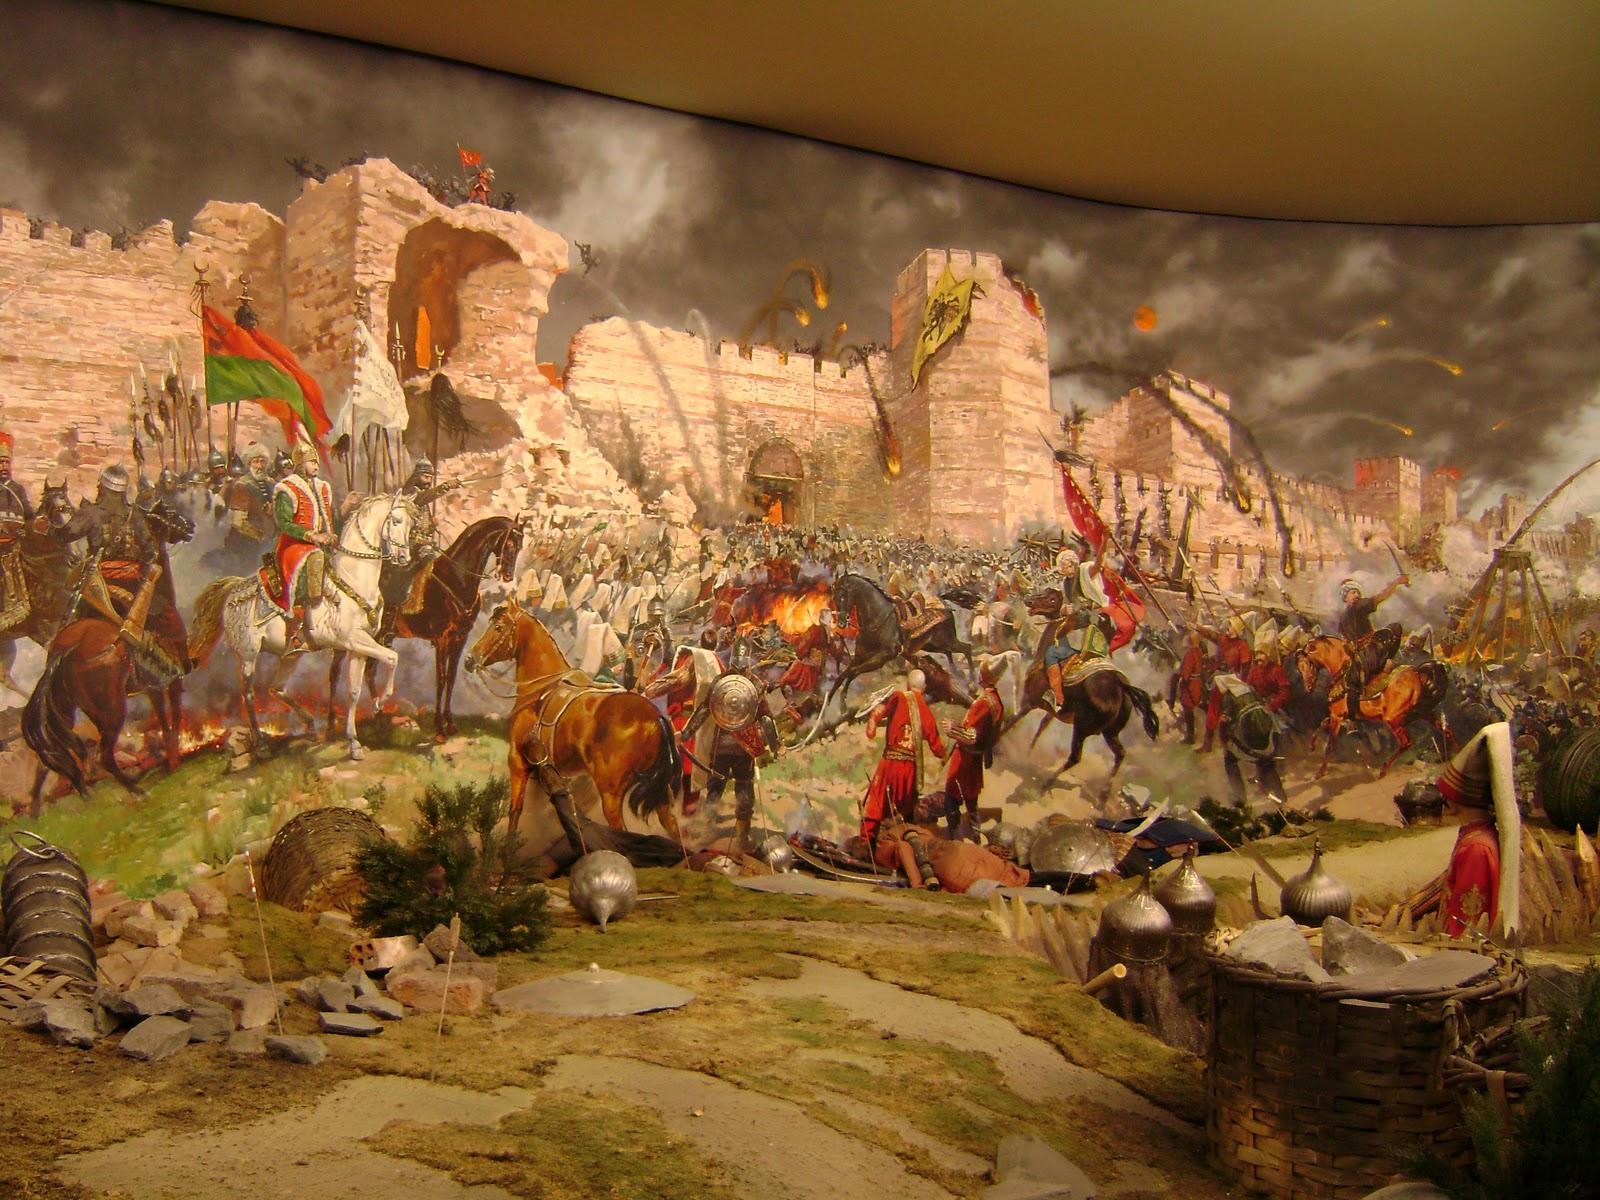 Stanbulun Fethi Yağlı Boya Gerçek Tablosu İstanbul Fetihleri Türk.Dünya Tarihi Sonuçları Özet Madde Fatih Sultan Mehmed Panorama 1453 Tarih Müzesi Resim Kompozisyon